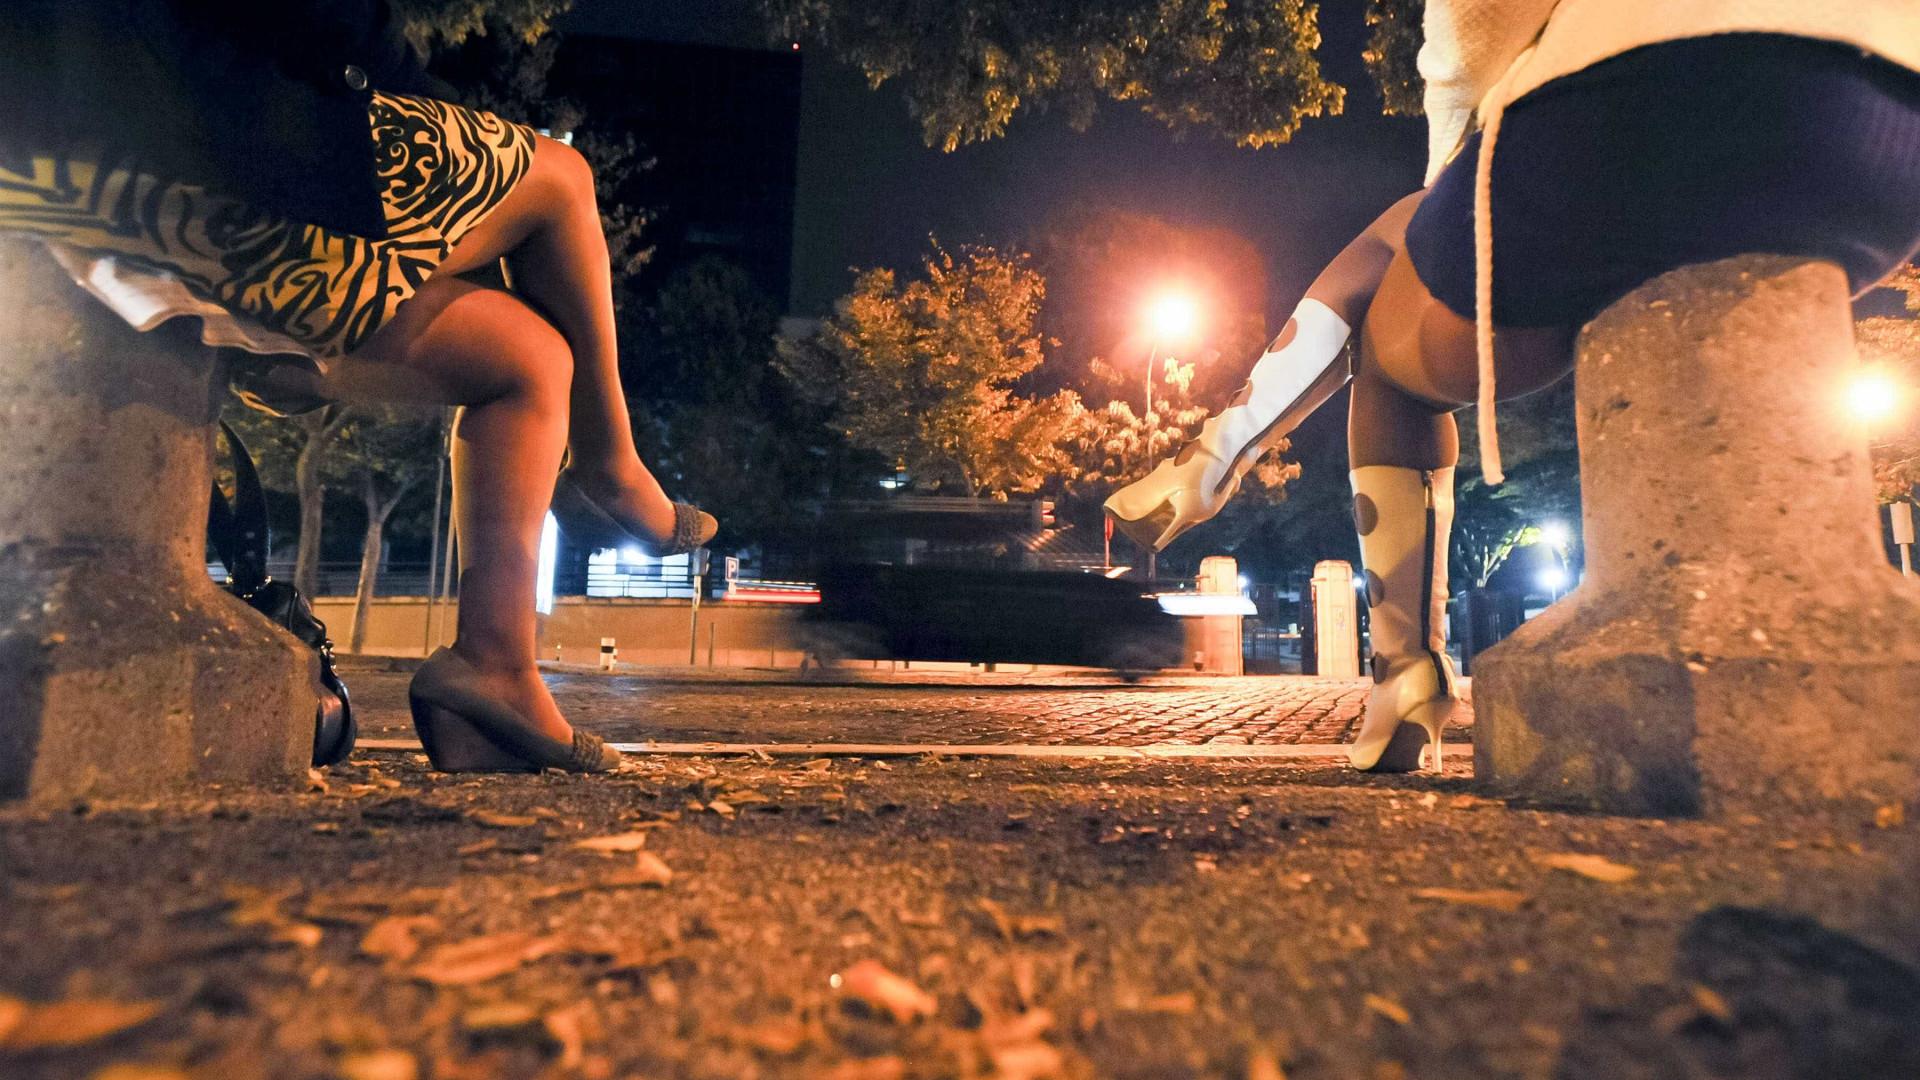 Prostitutas de Zurique denunciam continuada repressão policial